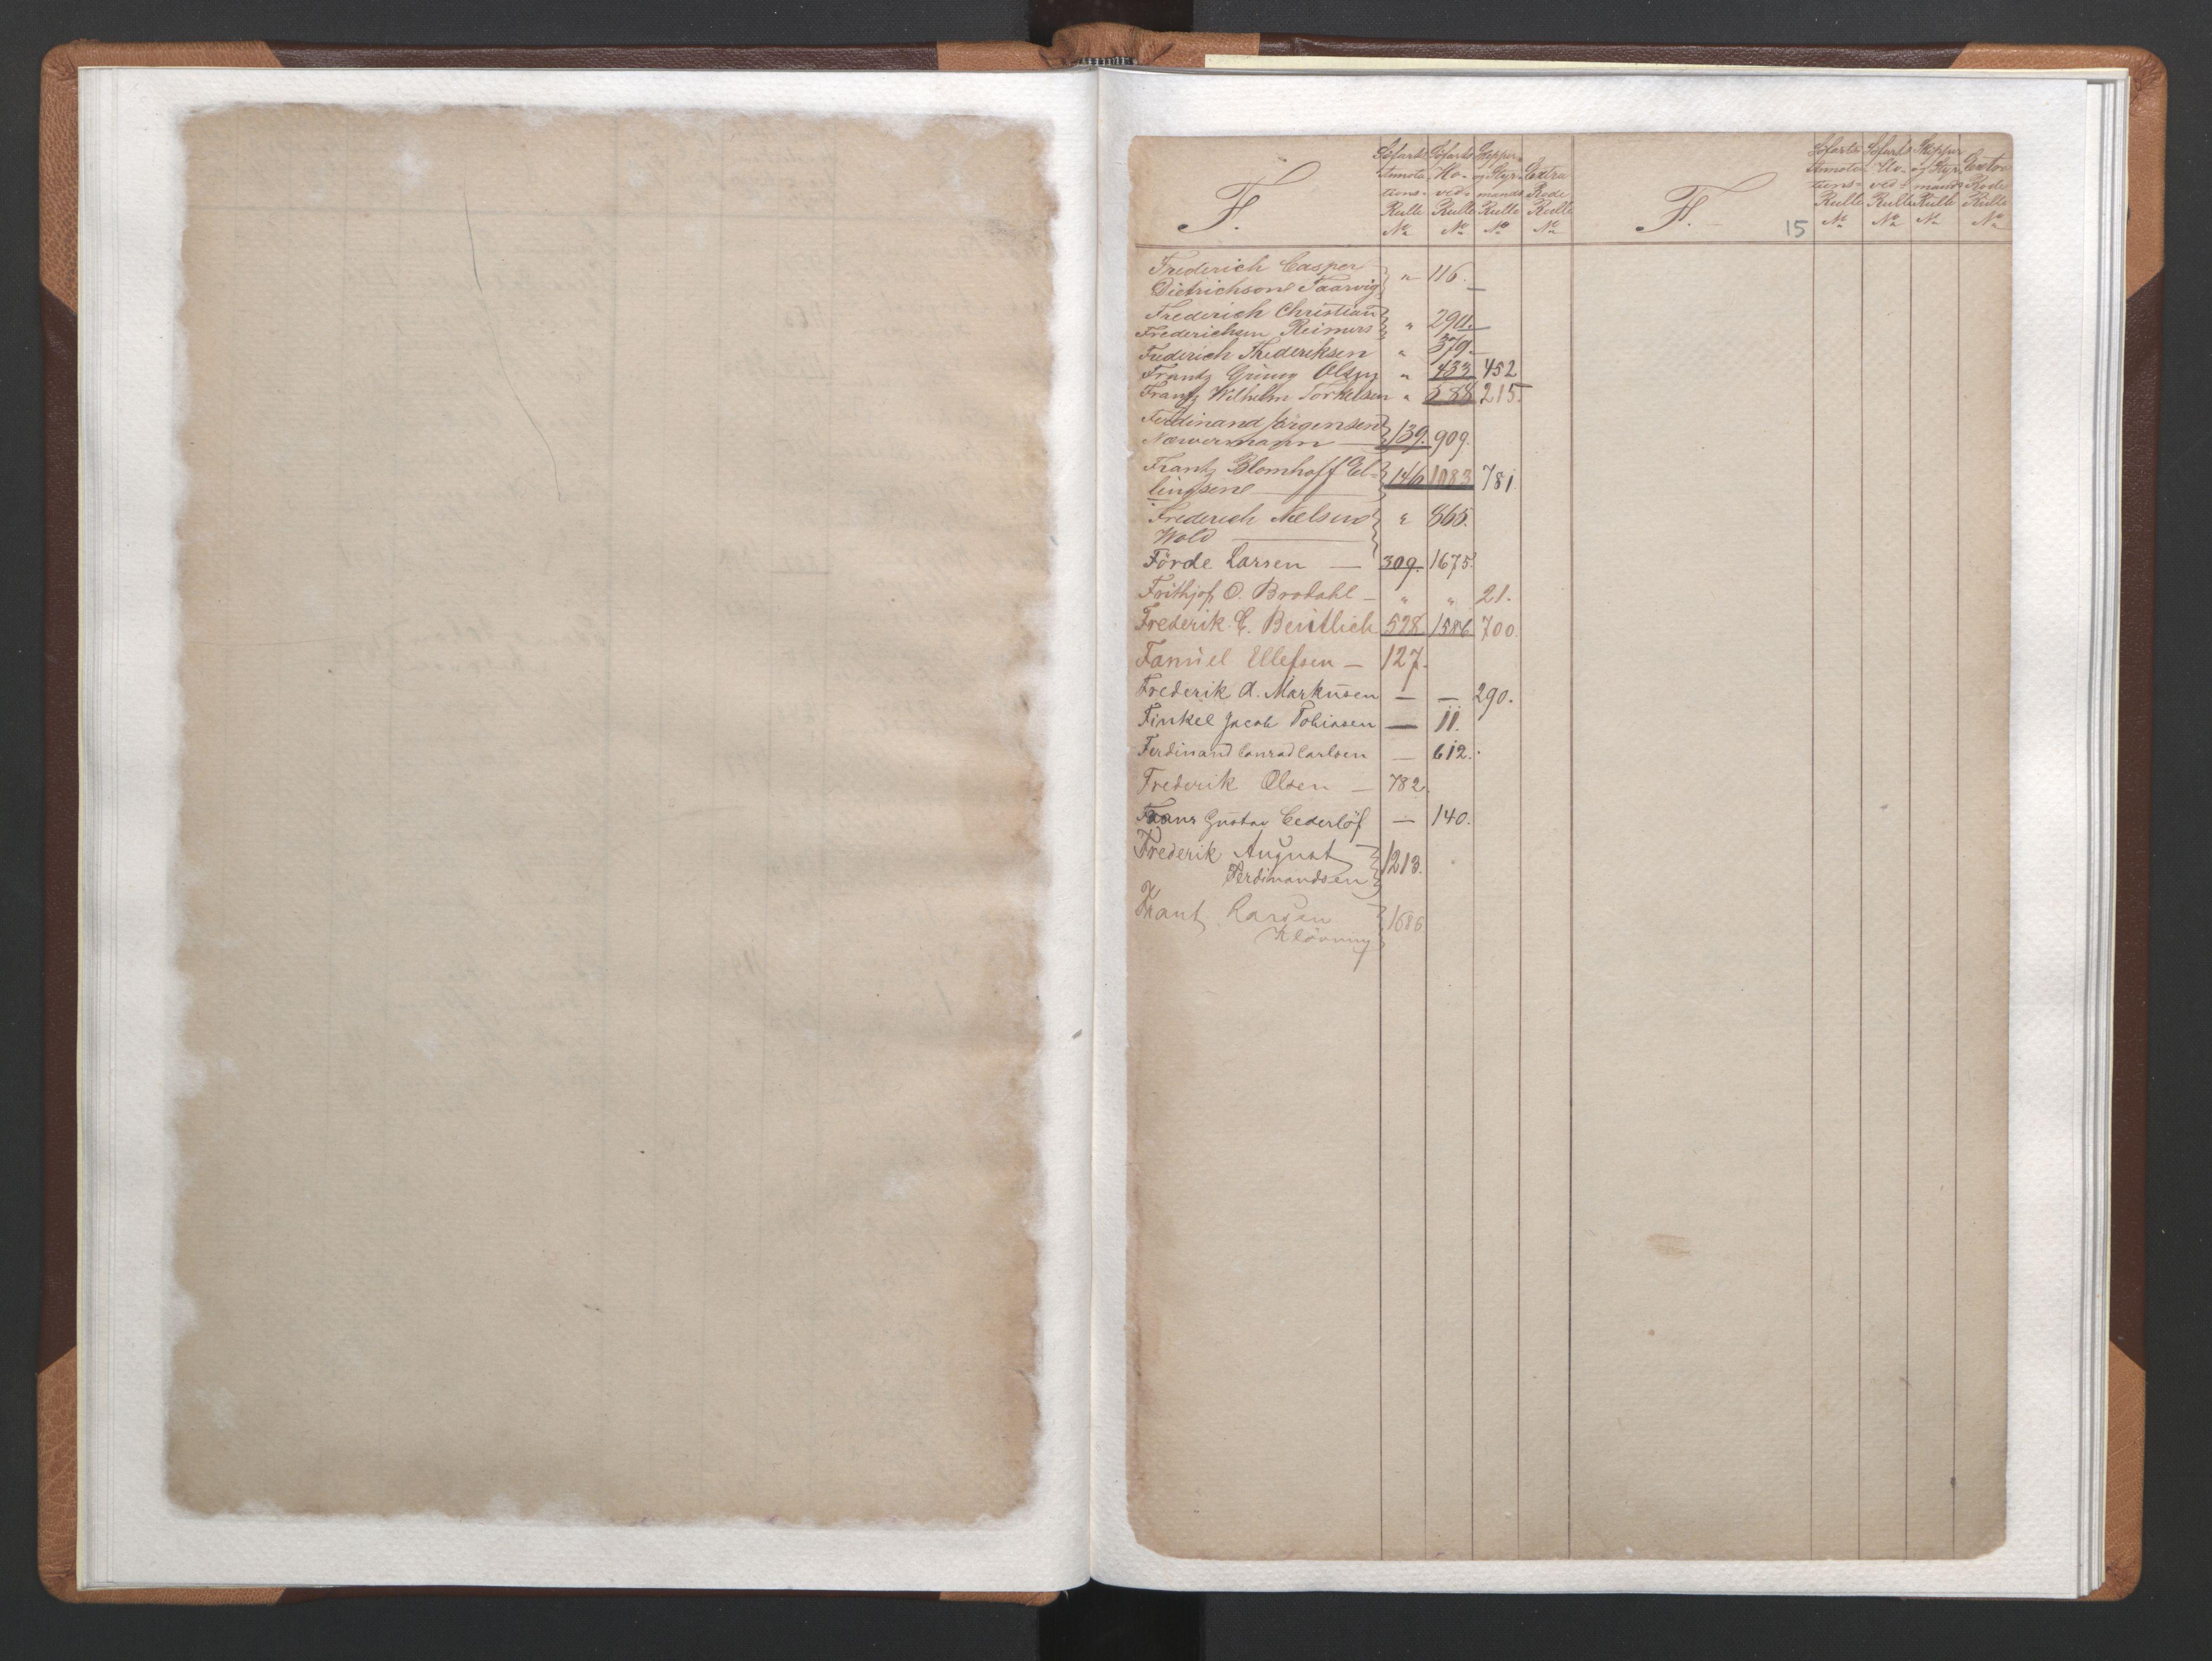 SAST, Stavanger sjømannskontor, F/Fb/Fba/L0002: Navneregister sjøfartsruller, 1860-1869, s. 16